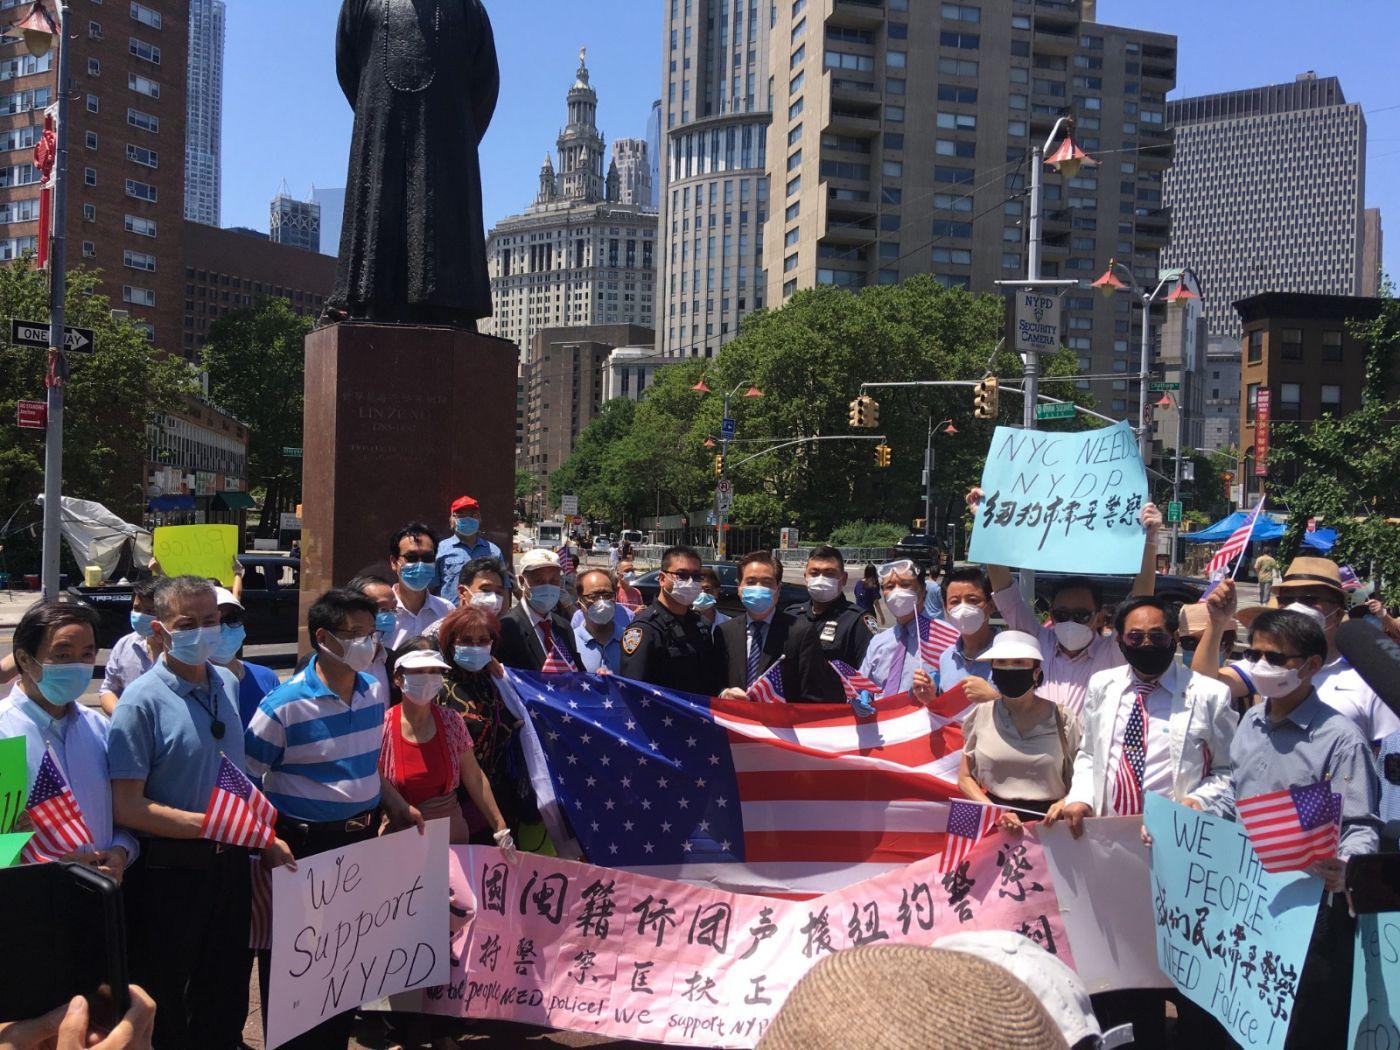 纽约华埠侨团声援支持纽约警察活动_图1-16